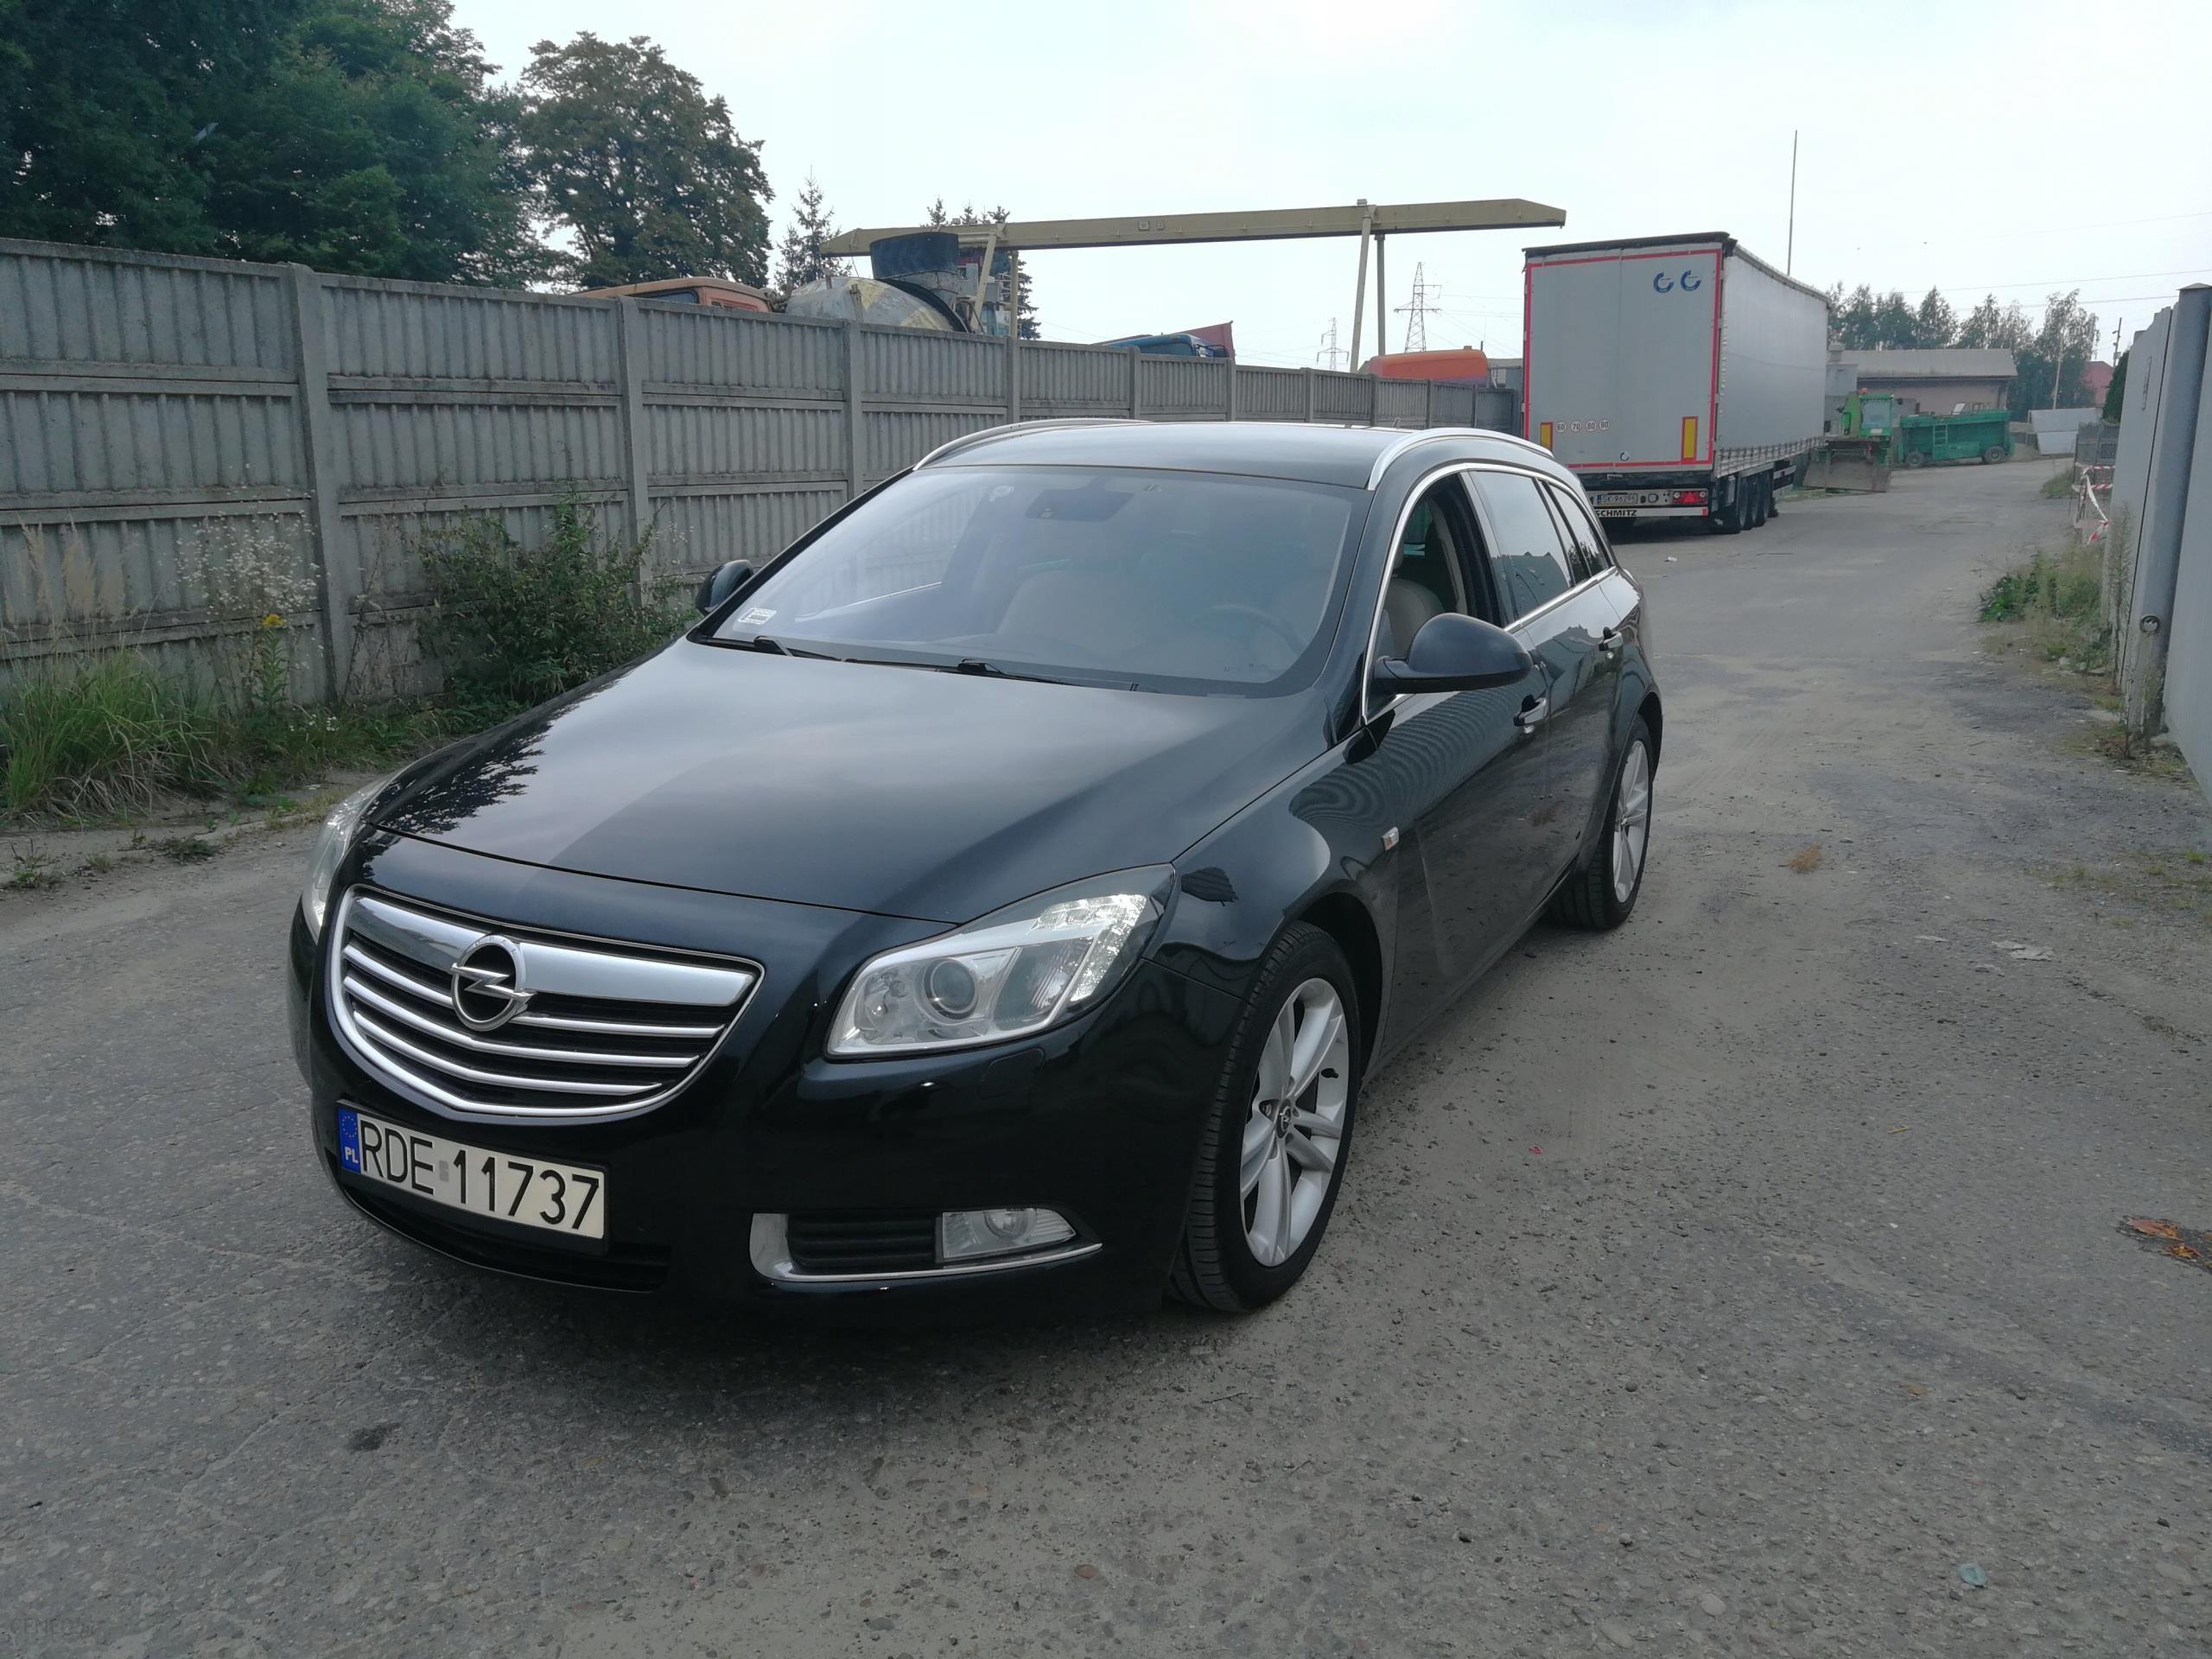 Opel Insignia Sports Tourer 4x4 2011 Krajowy Full Opinie I Ceny Na Ceneo Pl